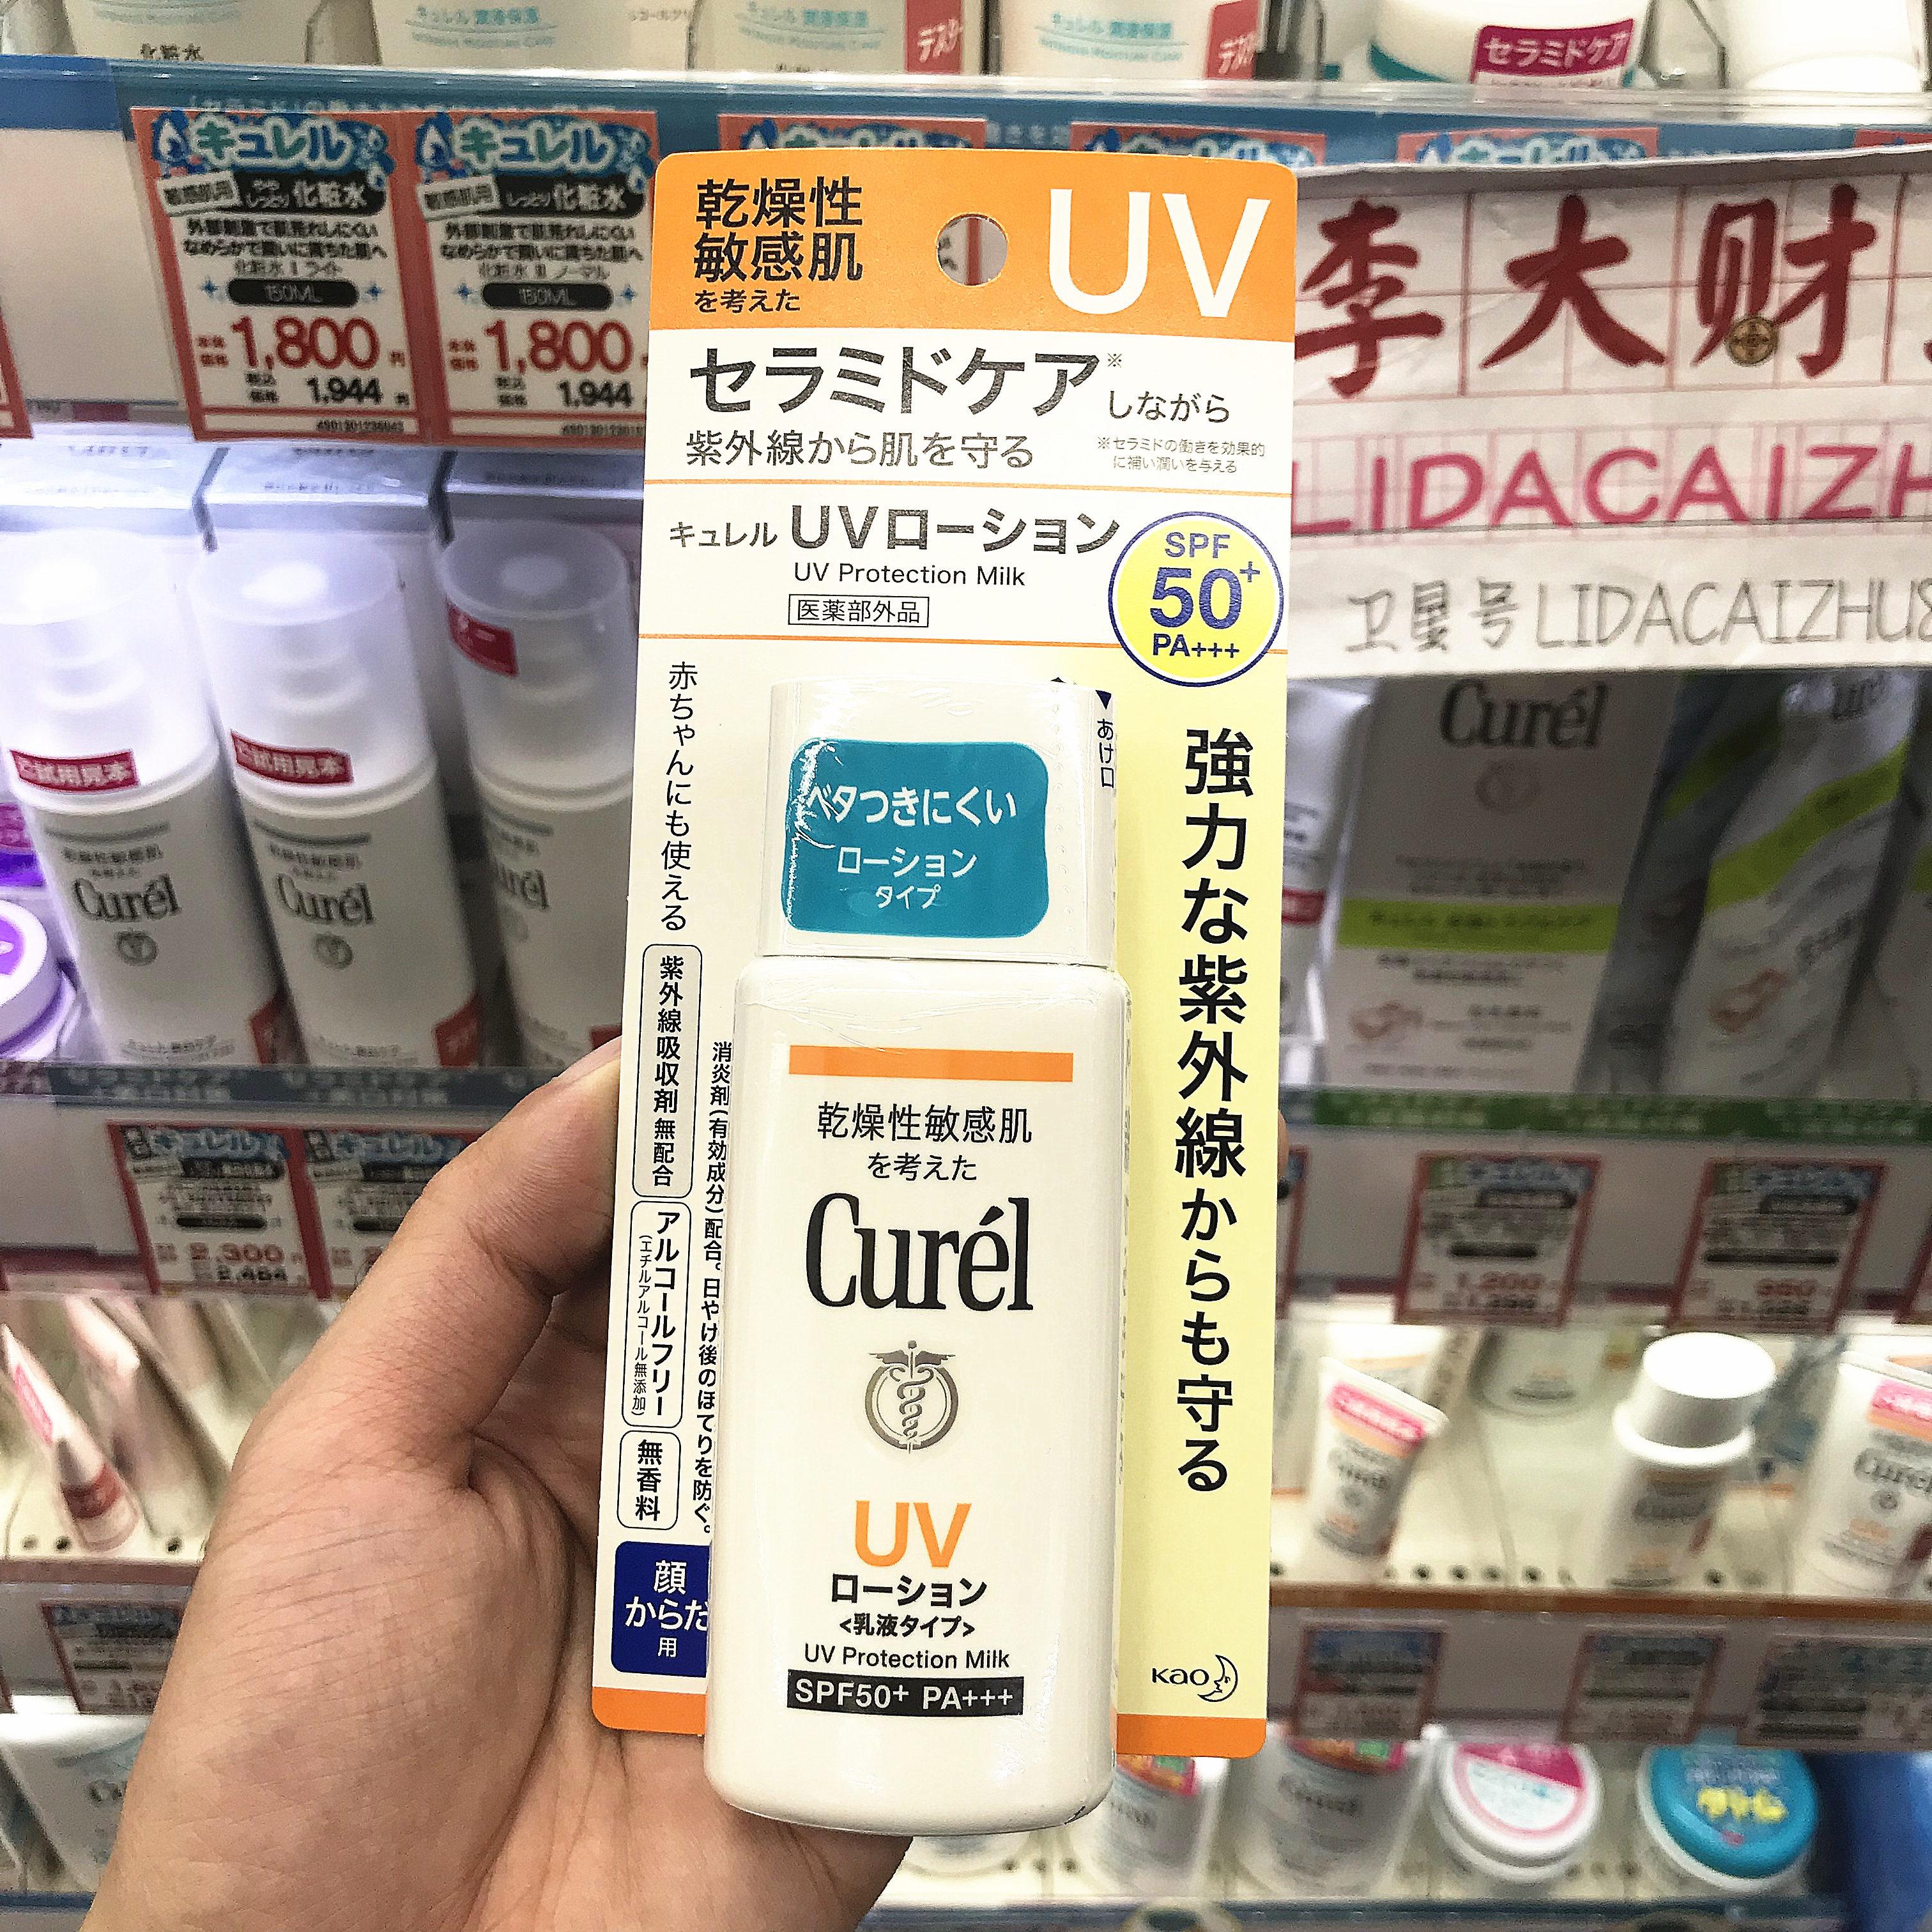 满87.00元可用1元优惠券包邮日本Curel珂润物理保湿防晒霜防晒乳无添加敏感肌SPF50+60ml